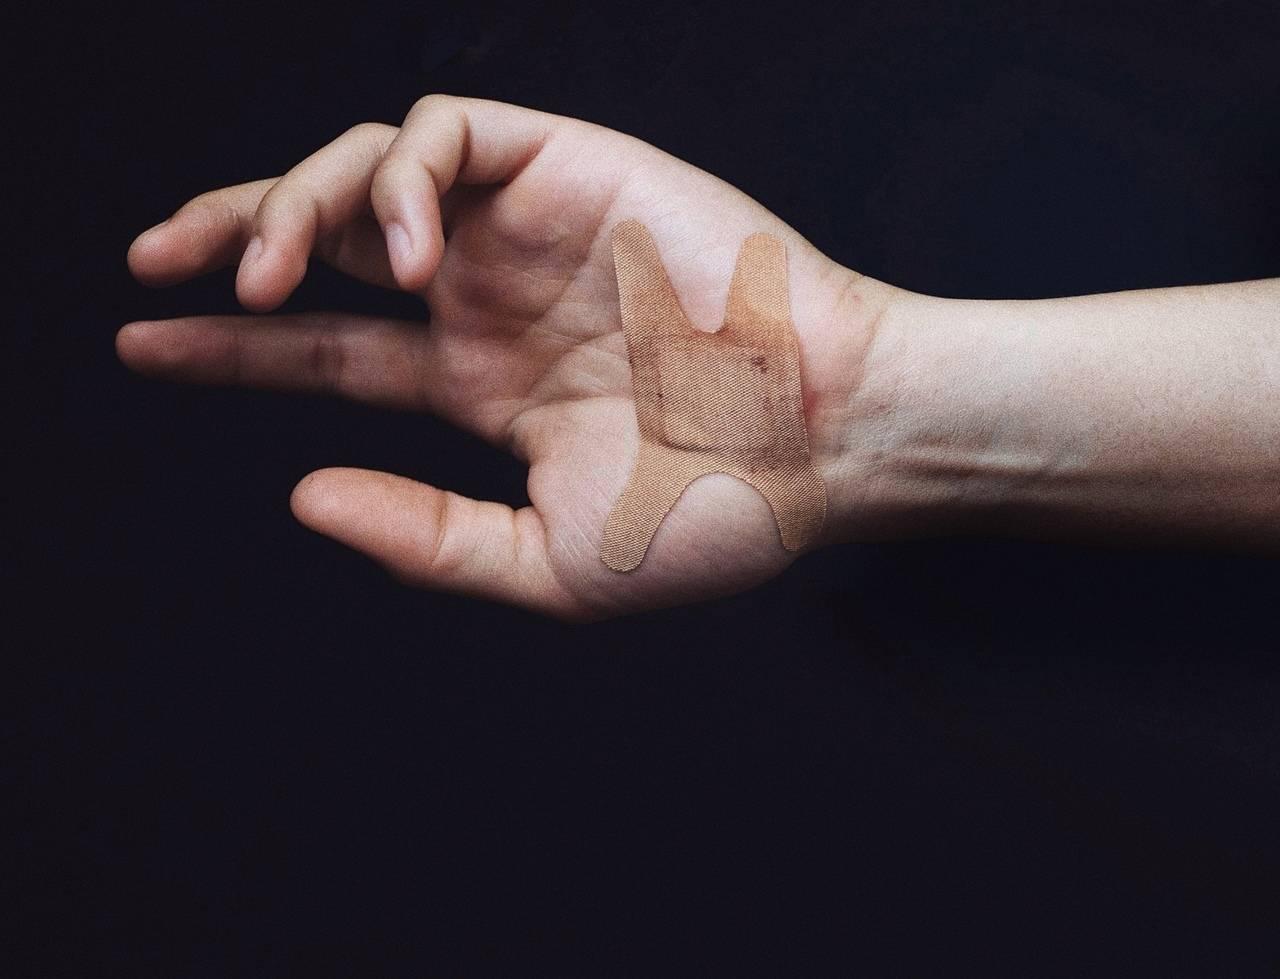 Почему кожа становится жирной? 11 возможных причин